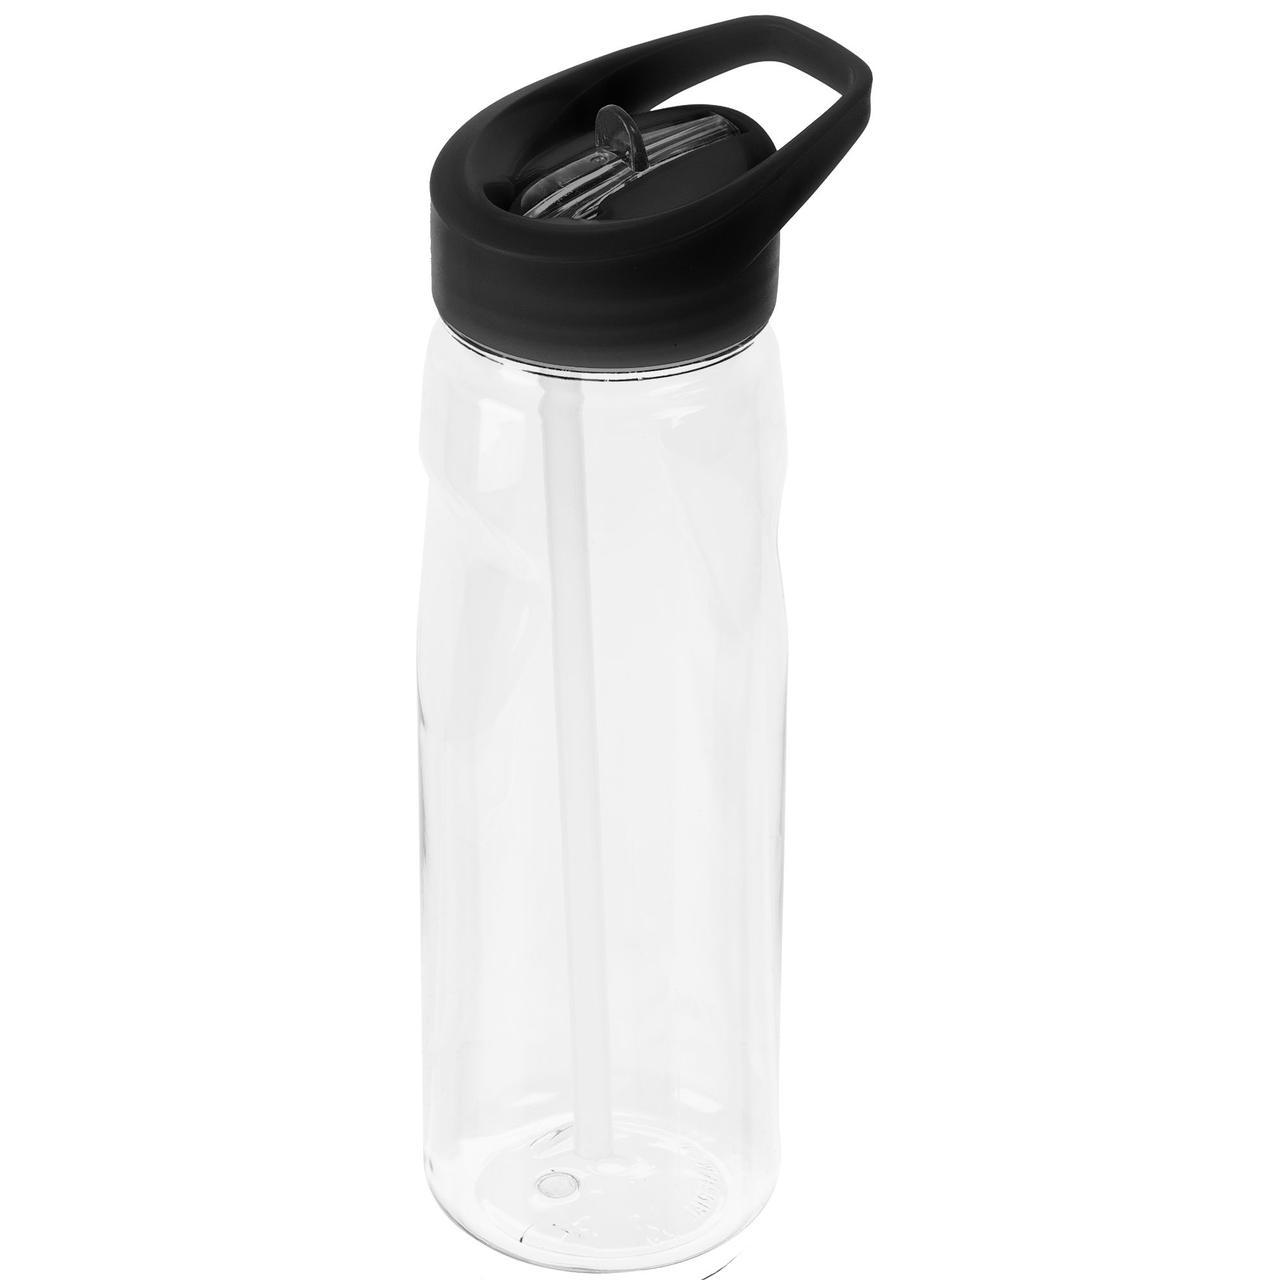 Спортивная бутылка Start, прозрачная с черной крышкой (артикул 2826.63)